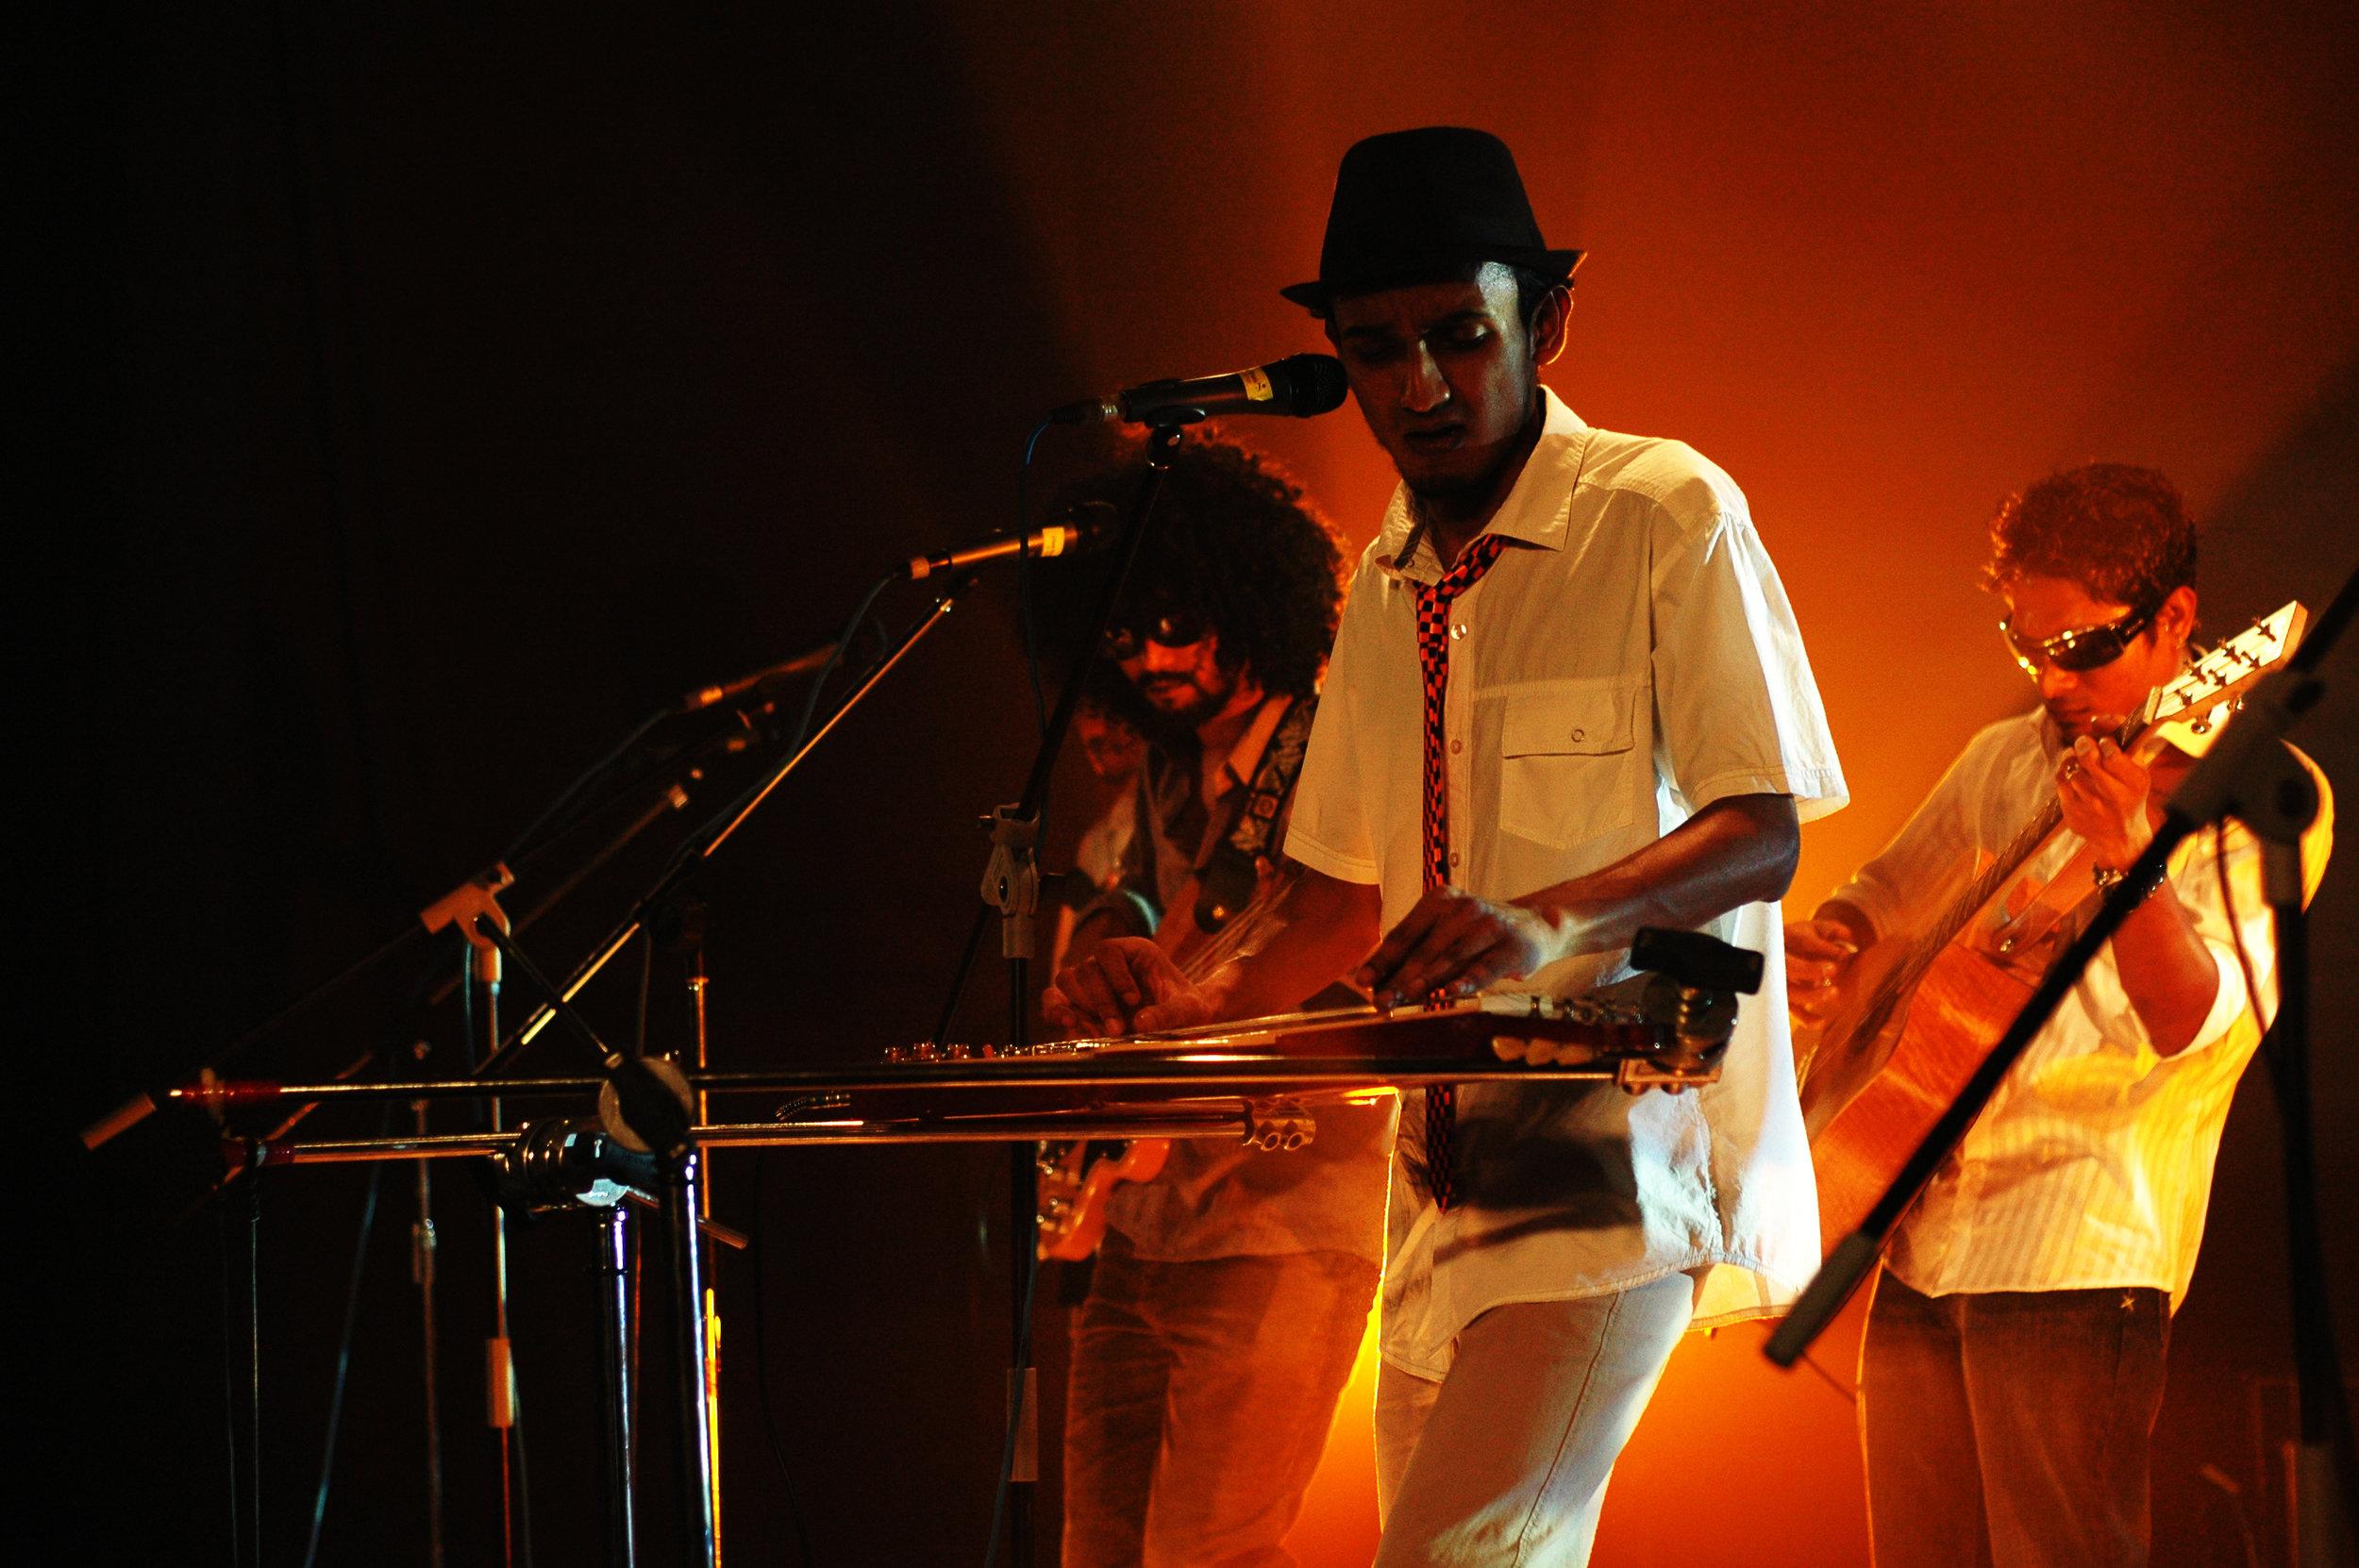 2009-08-19 - Male' City - Dharubaaruge' - Eku Ekee Album Launch - D70s-8028.jpg